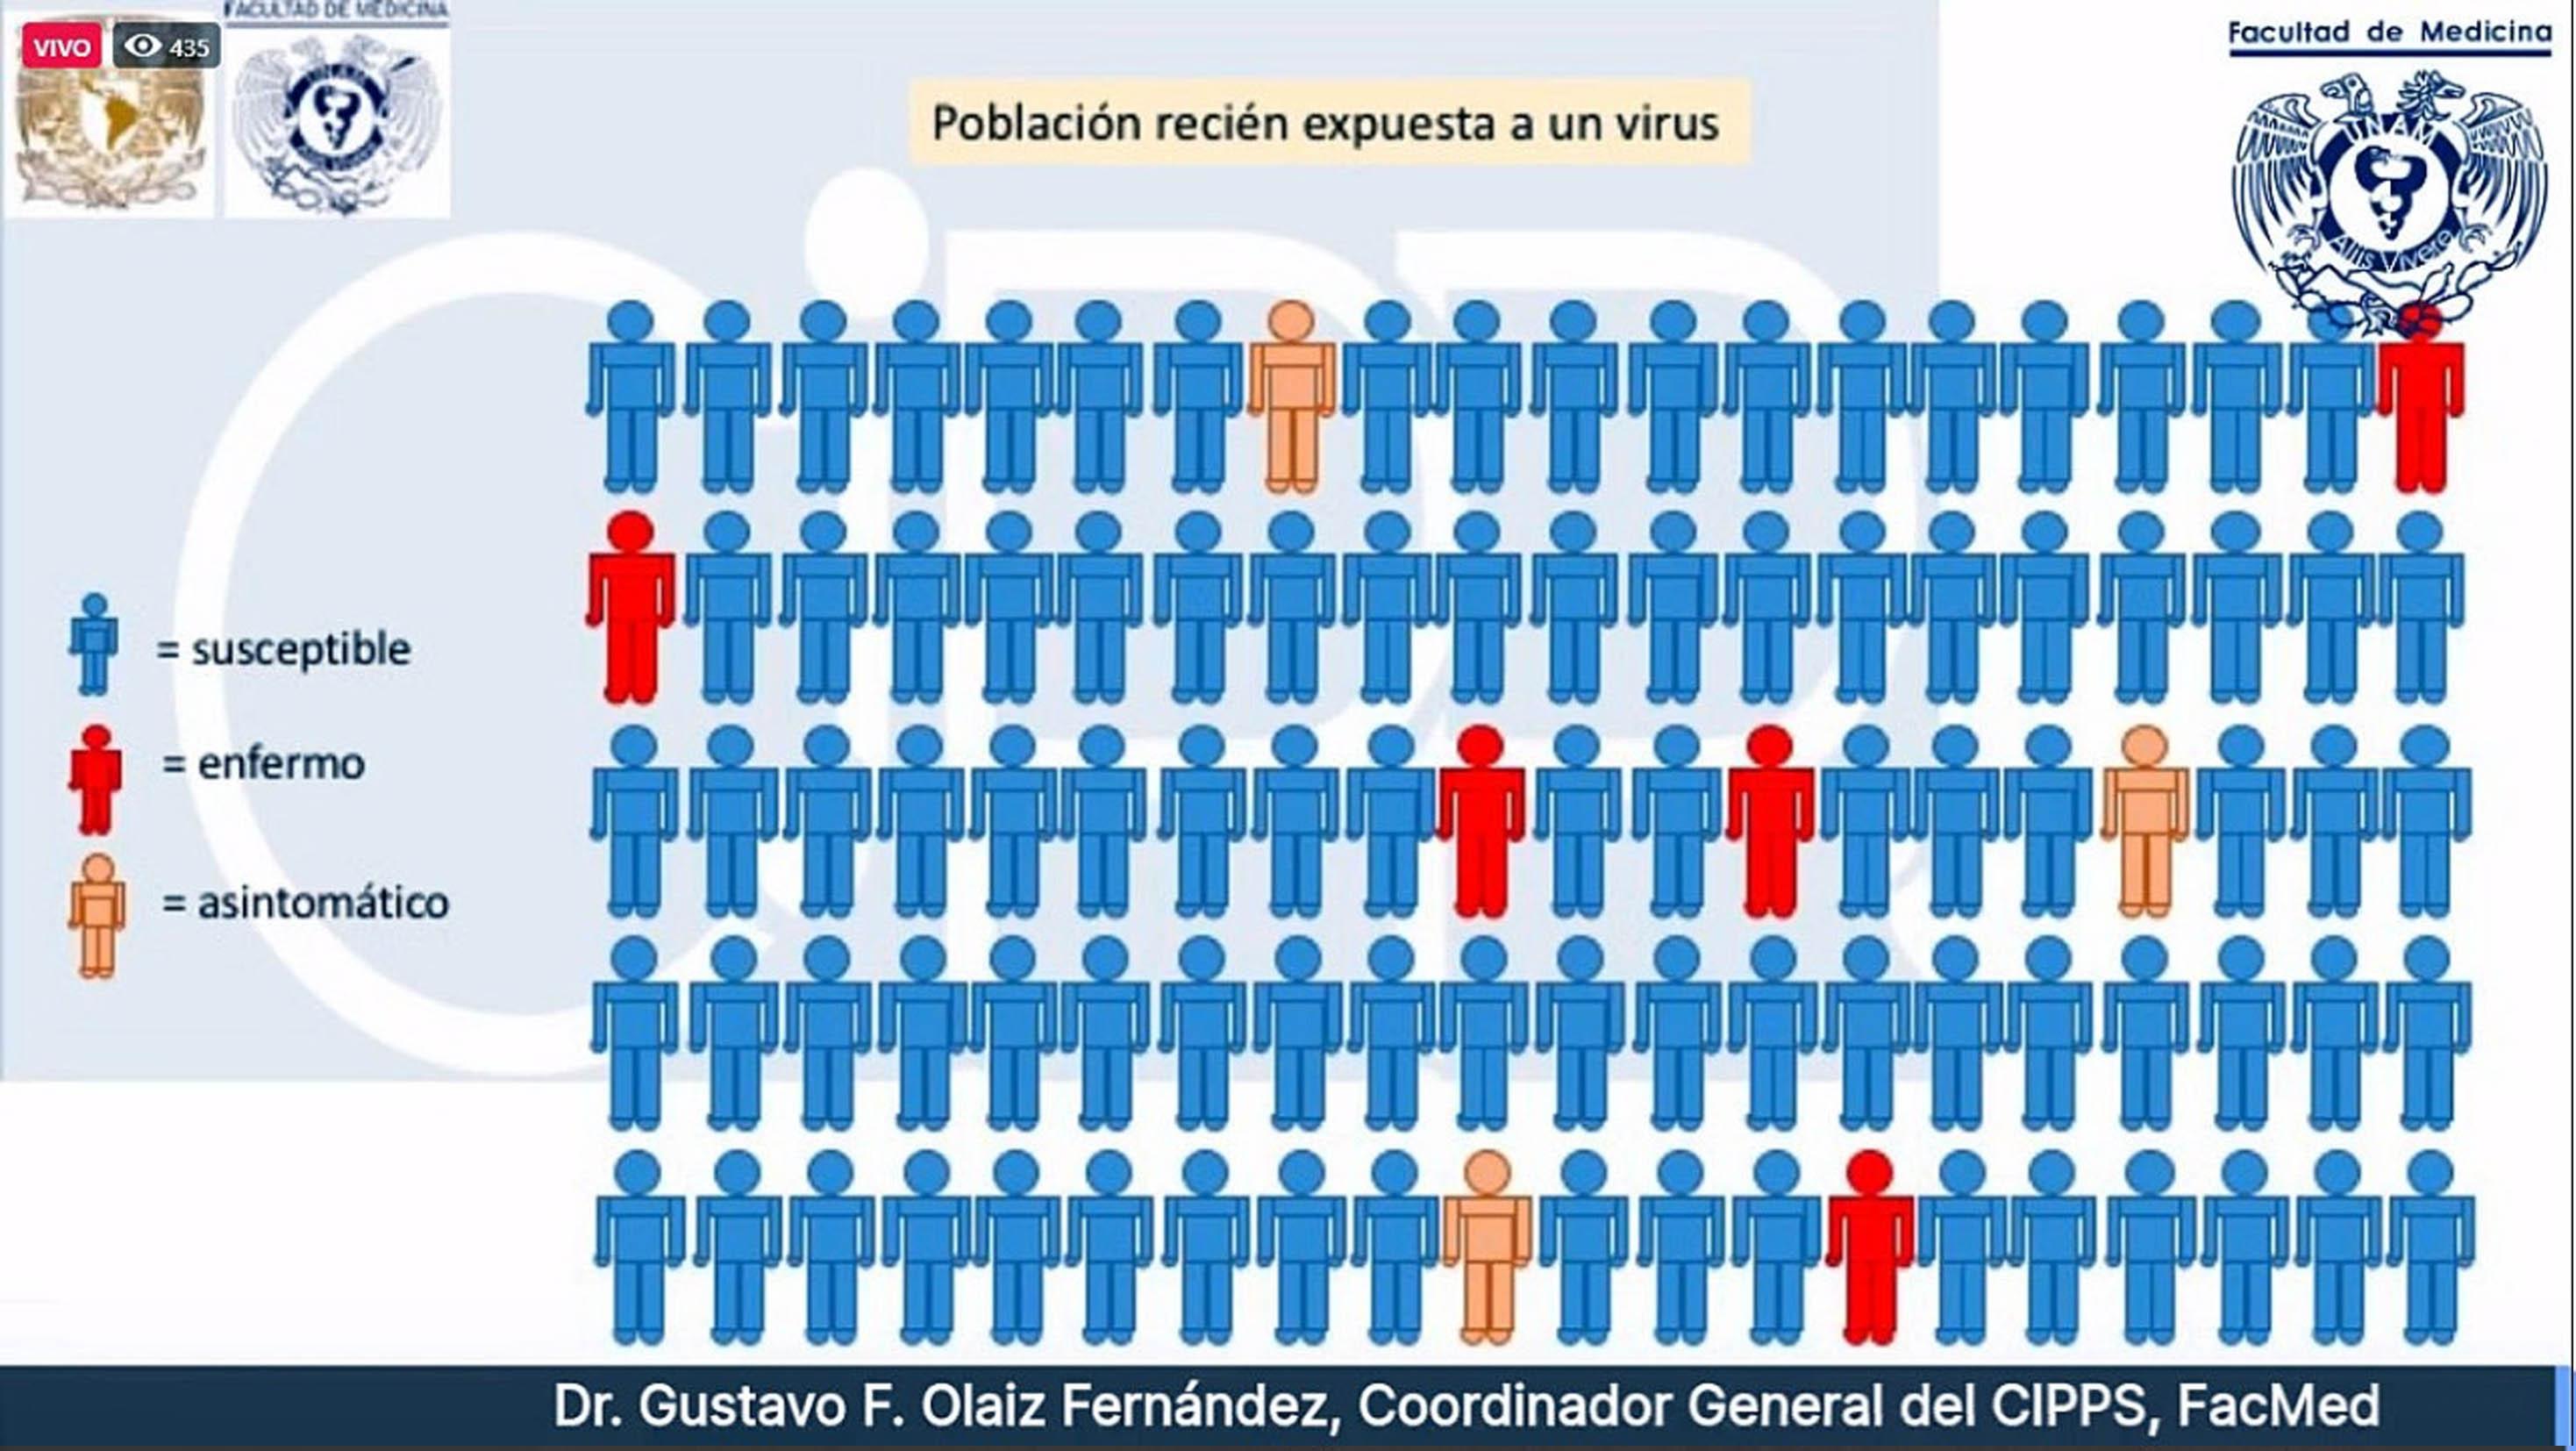 Entre el 80 y 90 por ciento de la población en México aún es susceptible a SARS-CoV-2